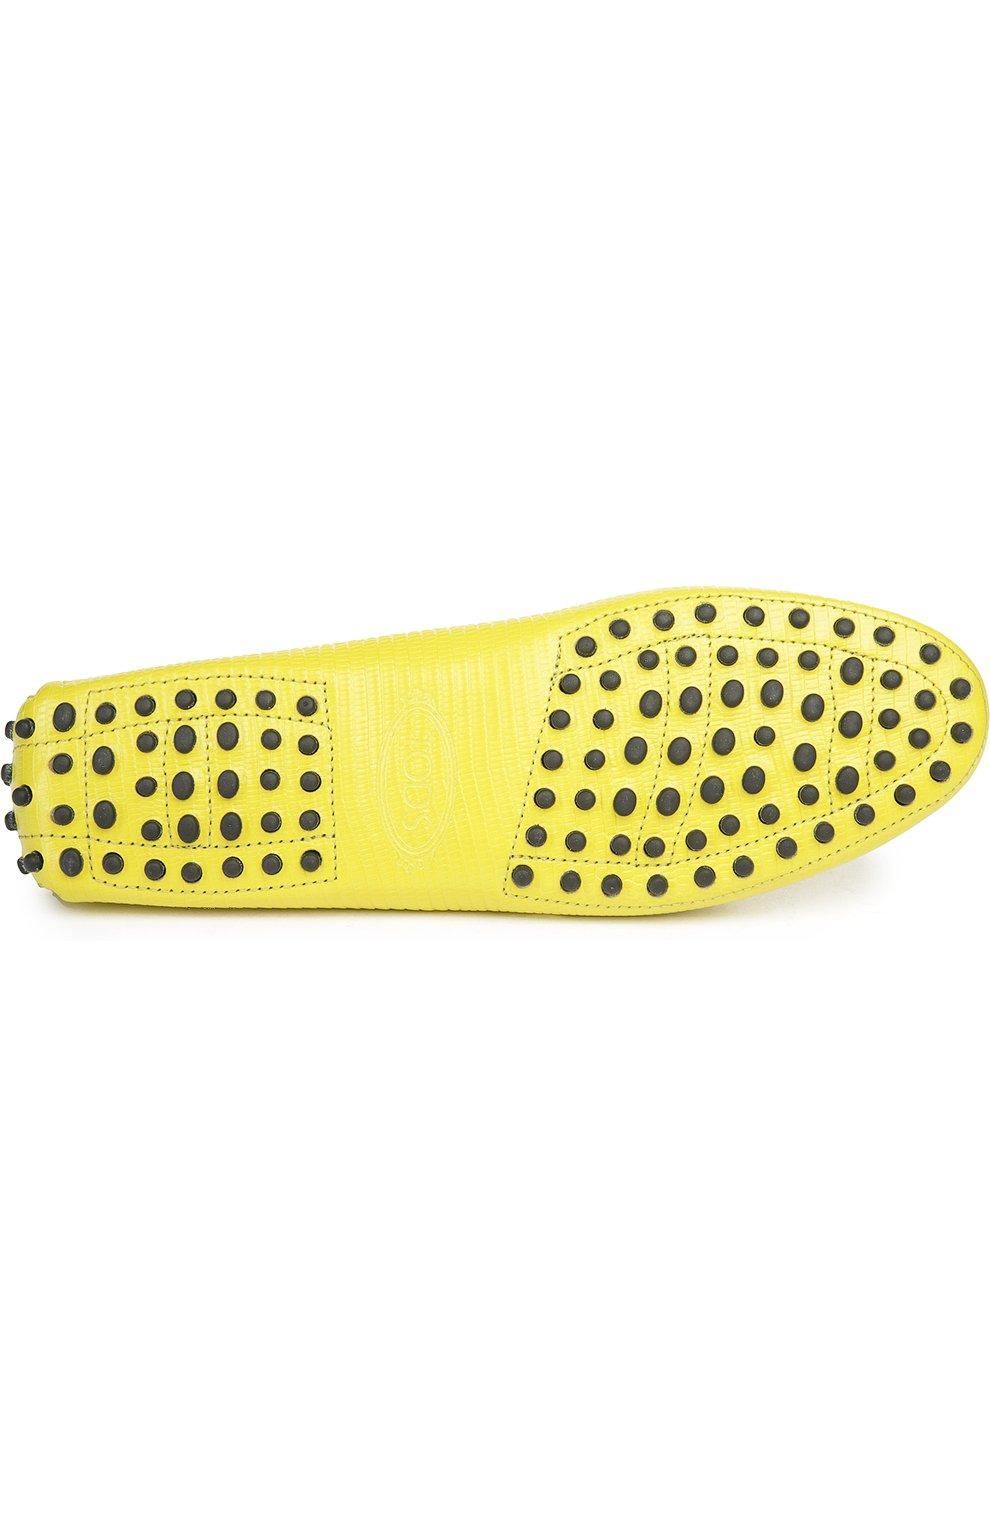 Кожаные мокасины Gommini с перемычкой Tod's желтые | Фото №5